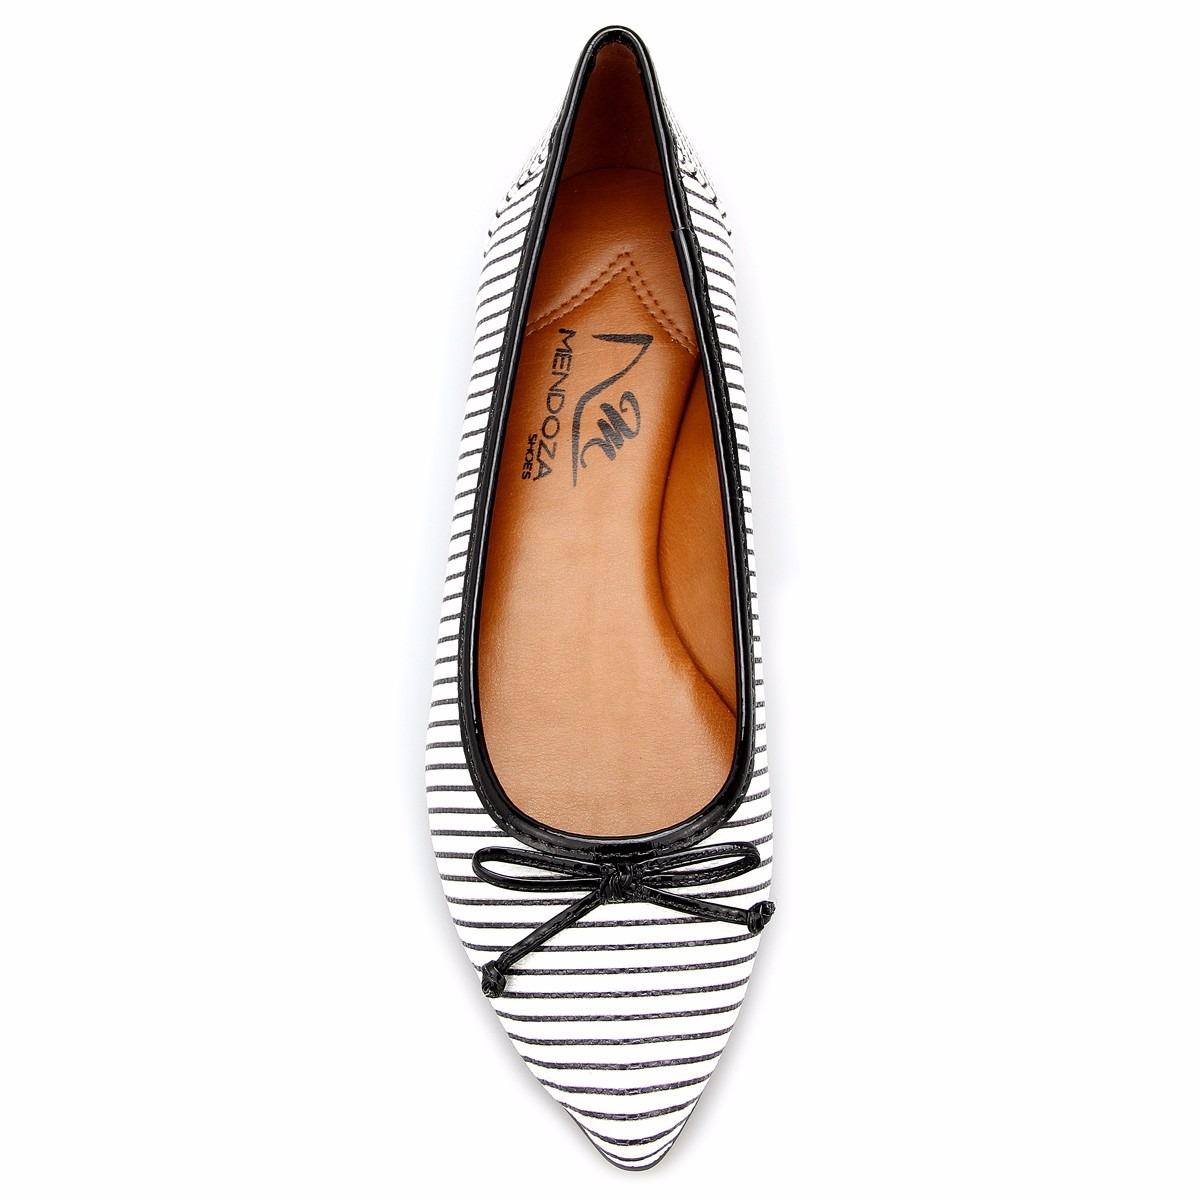 d335b89be1d sapatilha rasteira bico fino verniz charmosa preço especial. Carregando  zoom.